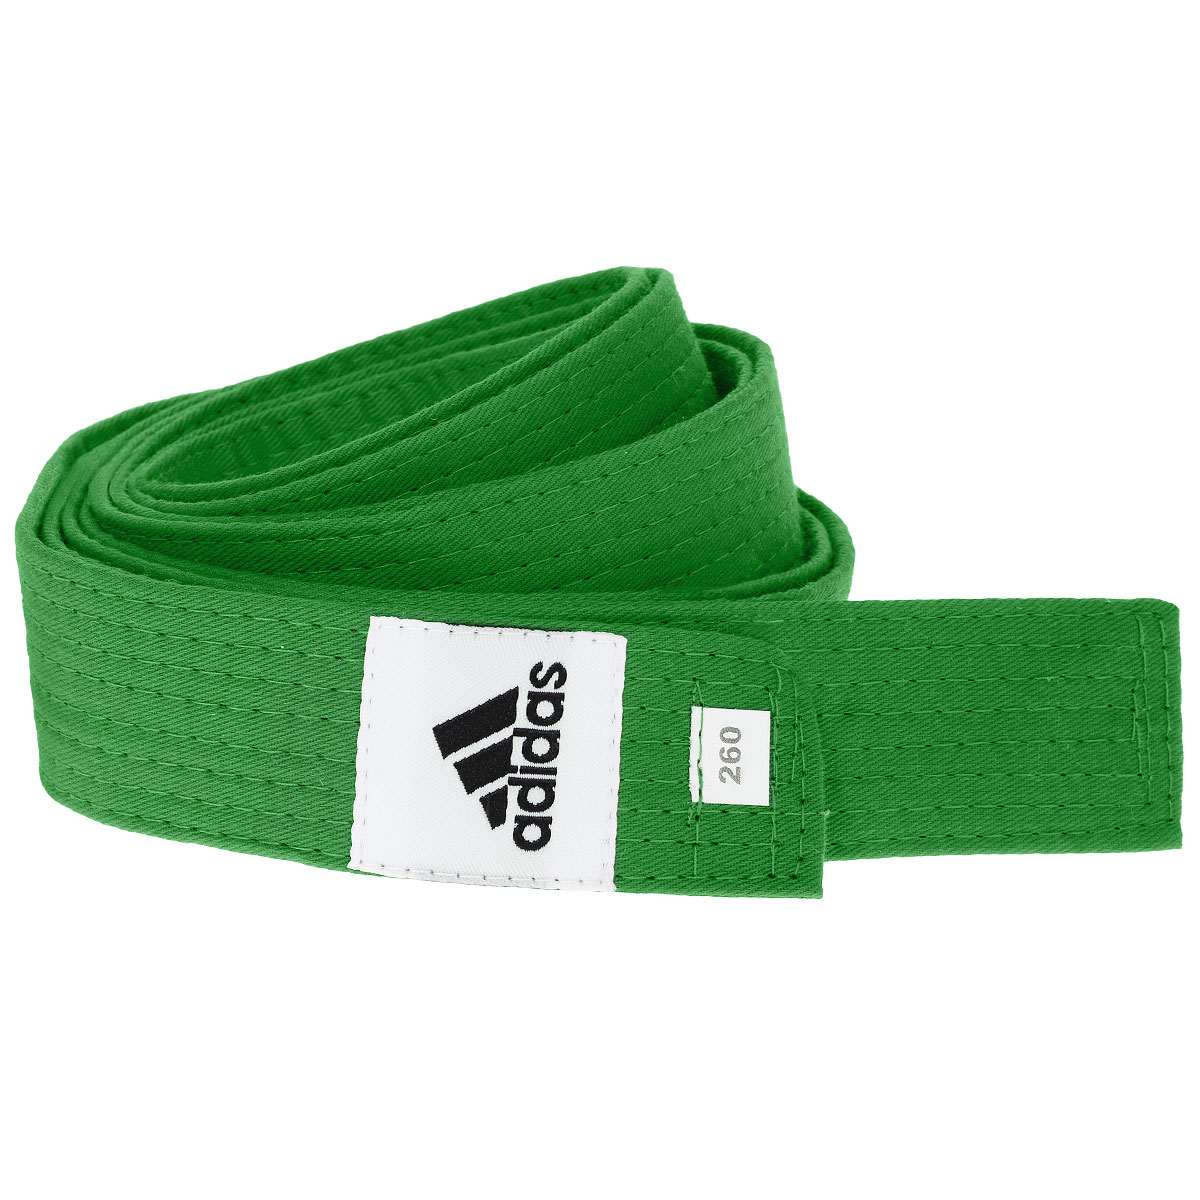 Пояс для единоборств adidas Club, цвет: зеленый. adiB220. Длина 280 смadiB220Пояс для единоборств adidas Club - универсальный пояс для кимоно. Пояс выполнен из плотного хлопкового материала с прострочкой.Такой пояс - необходимый аксессуар для тех, кто занимается боевыми искусствами.